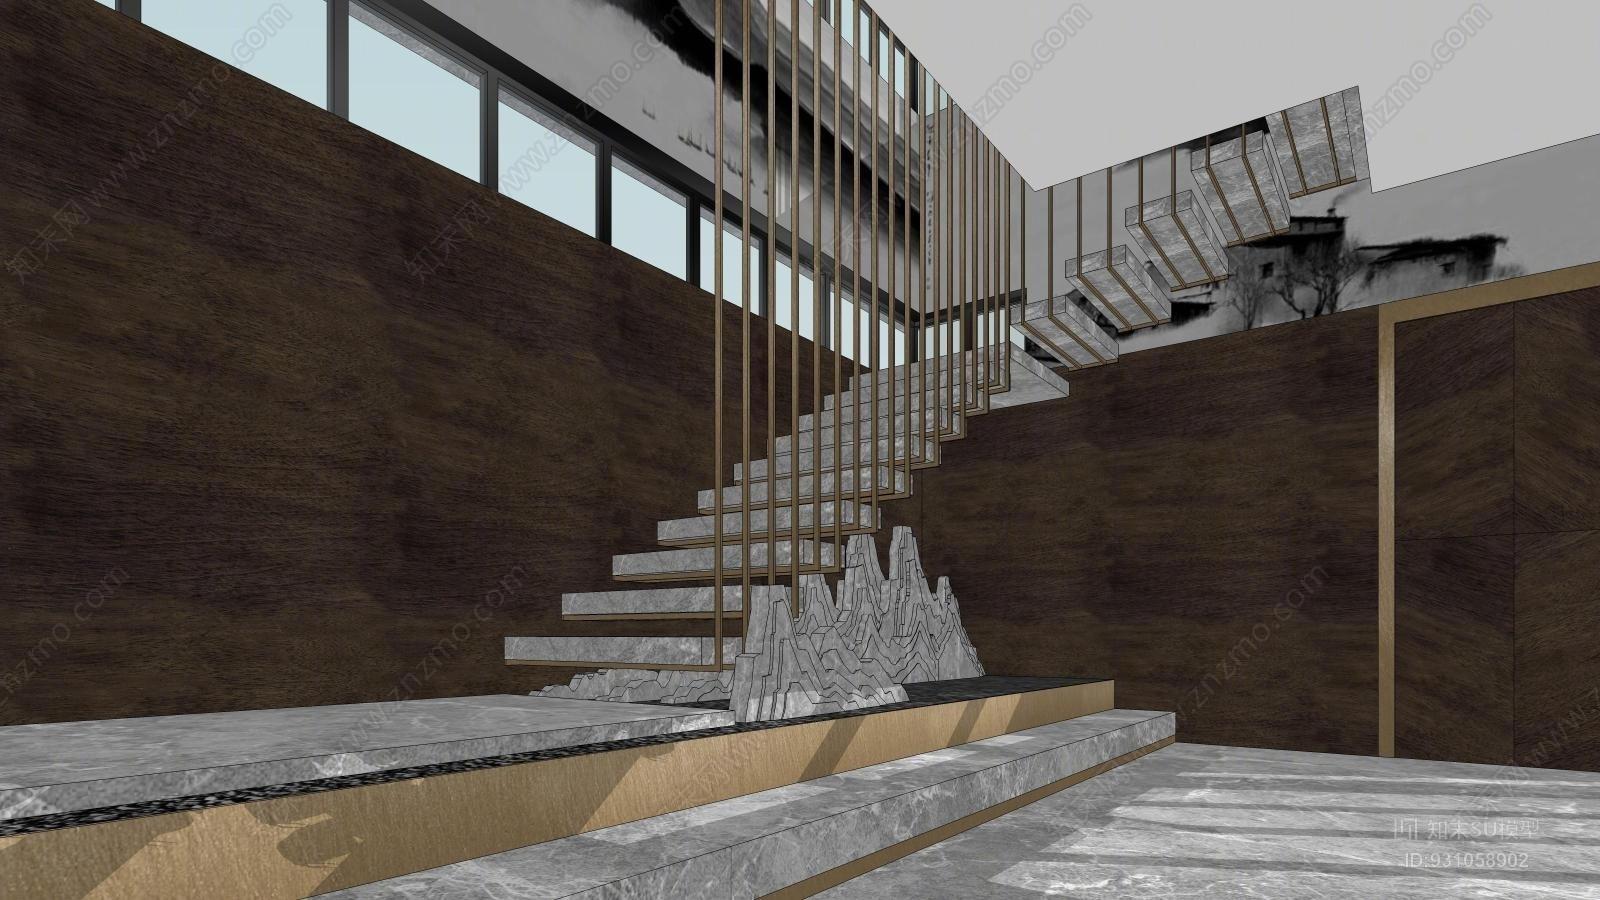 新中式方案室内游泳池装修设计黑白SU风格下住宅灰模型设计理念图片